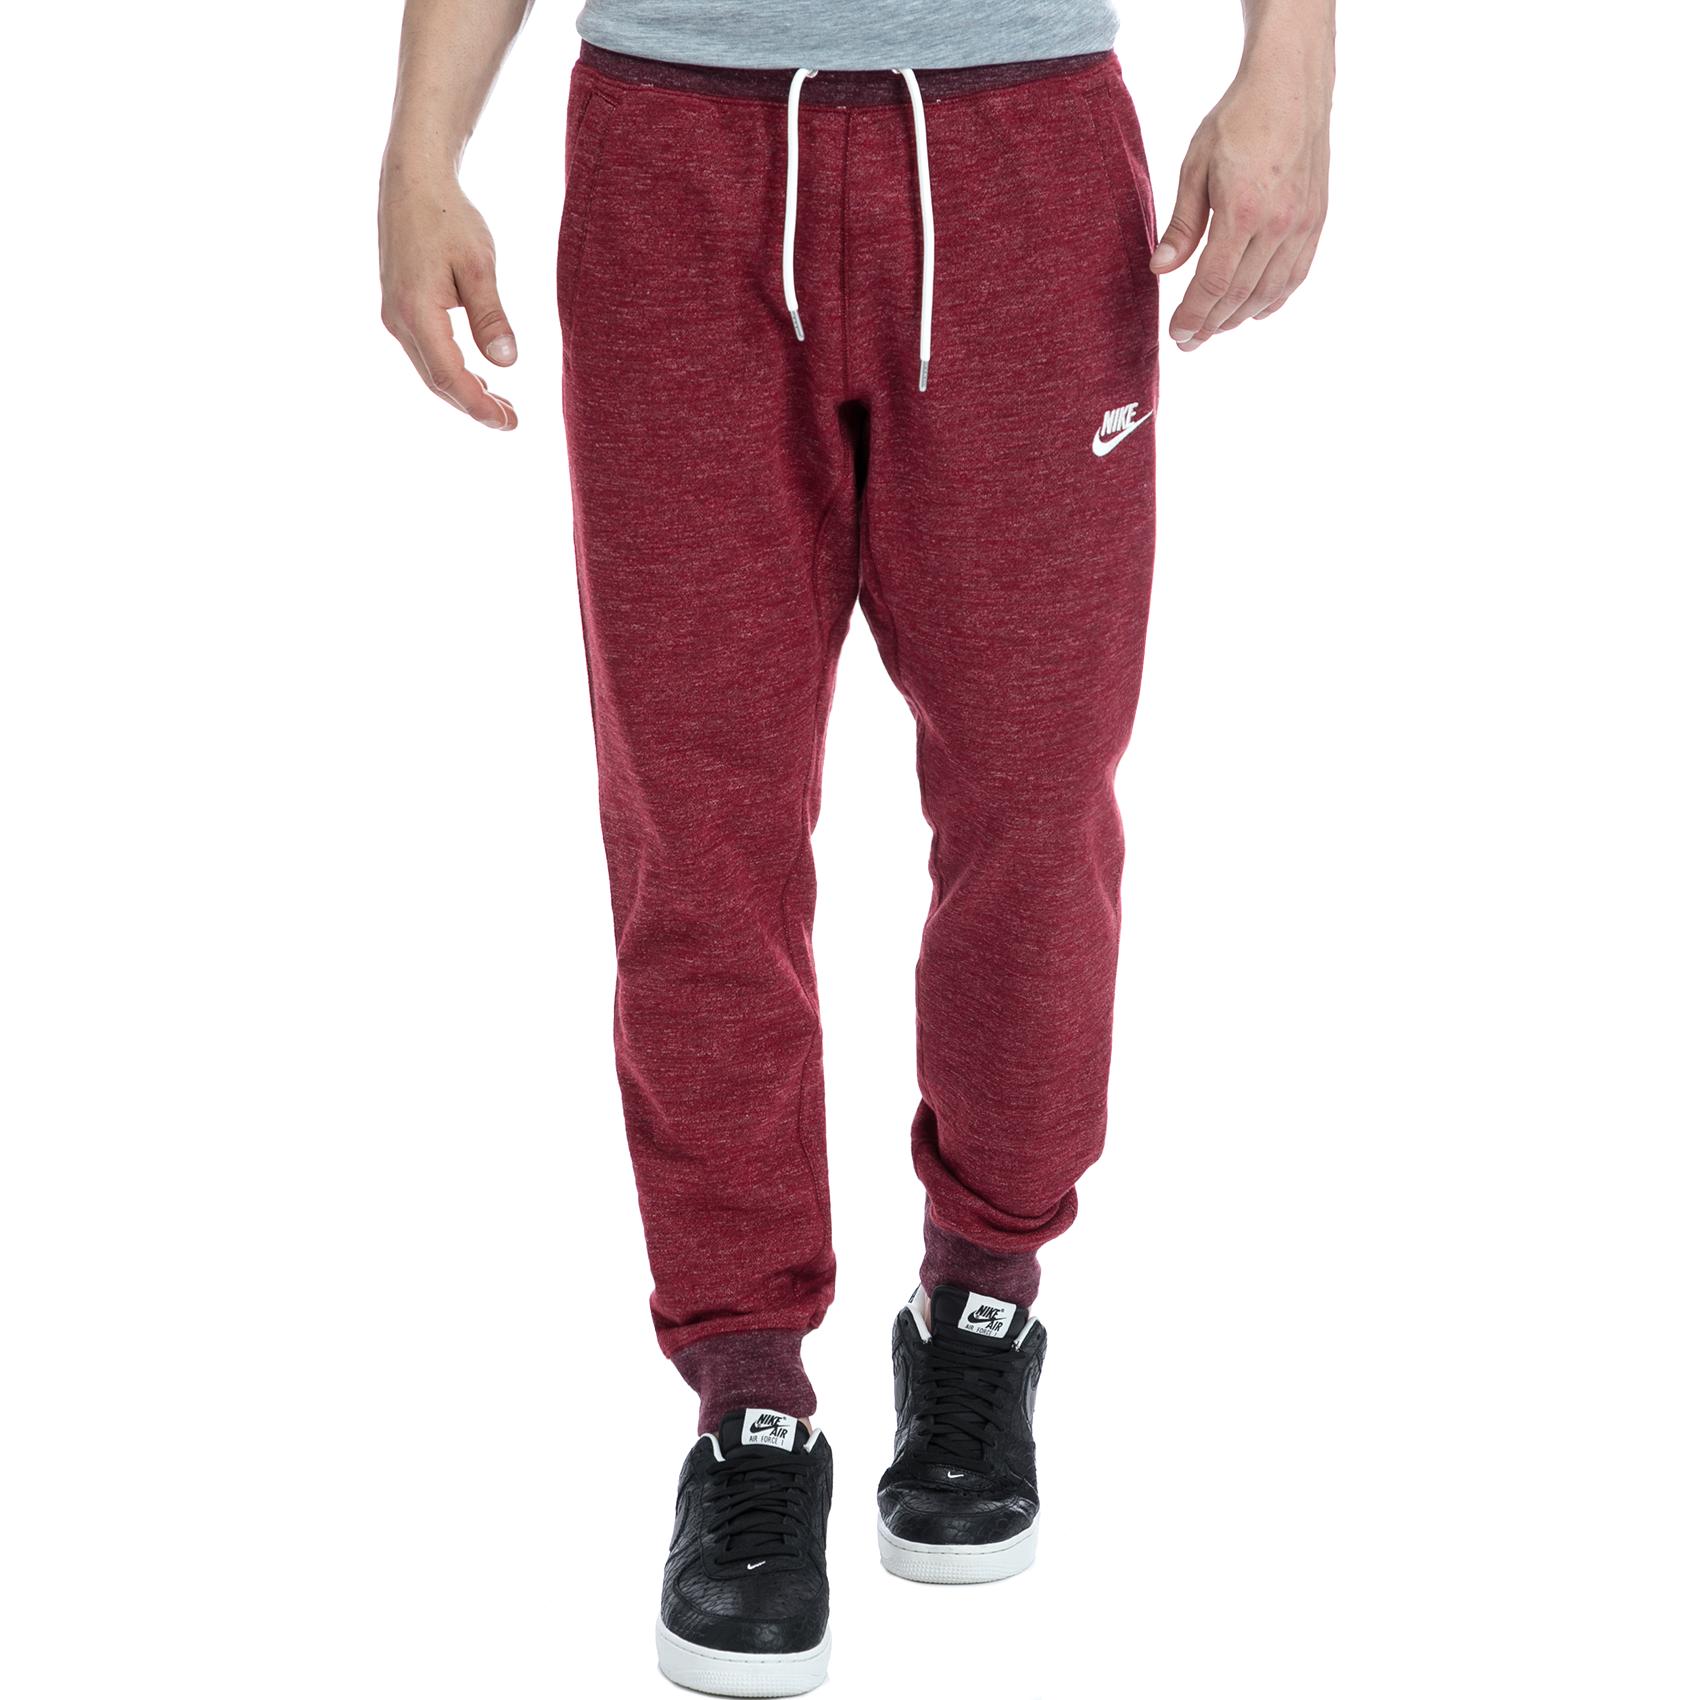 NIKE - Αντρικό παντελόνι NIKE κόκκινο ανδρικά ρούχα αθλητικά φόρμες